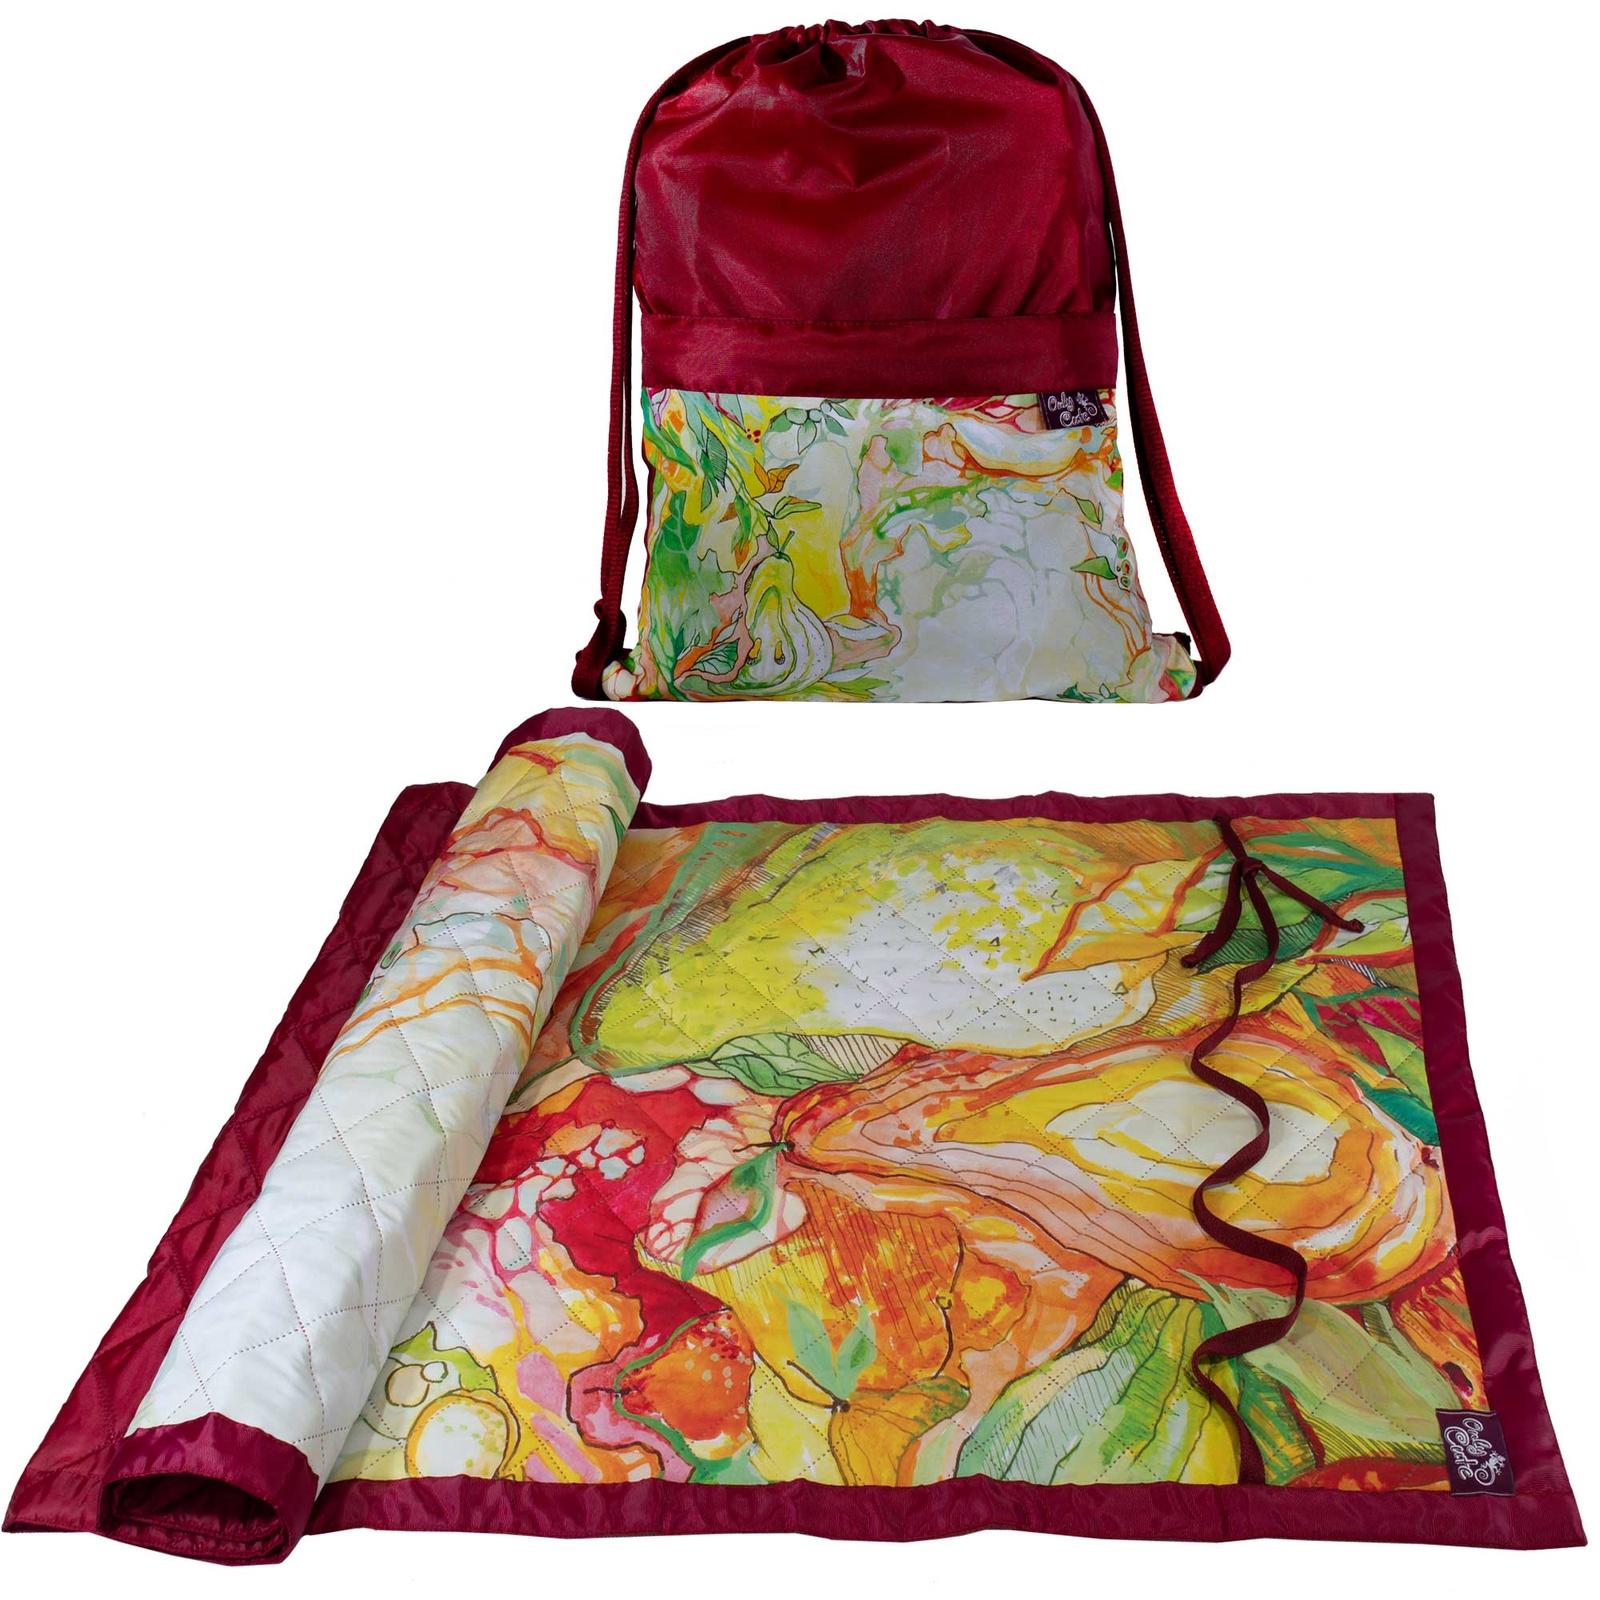 Одноместный коврик в рюкзаке OnlyCute Сказочный сад бордо